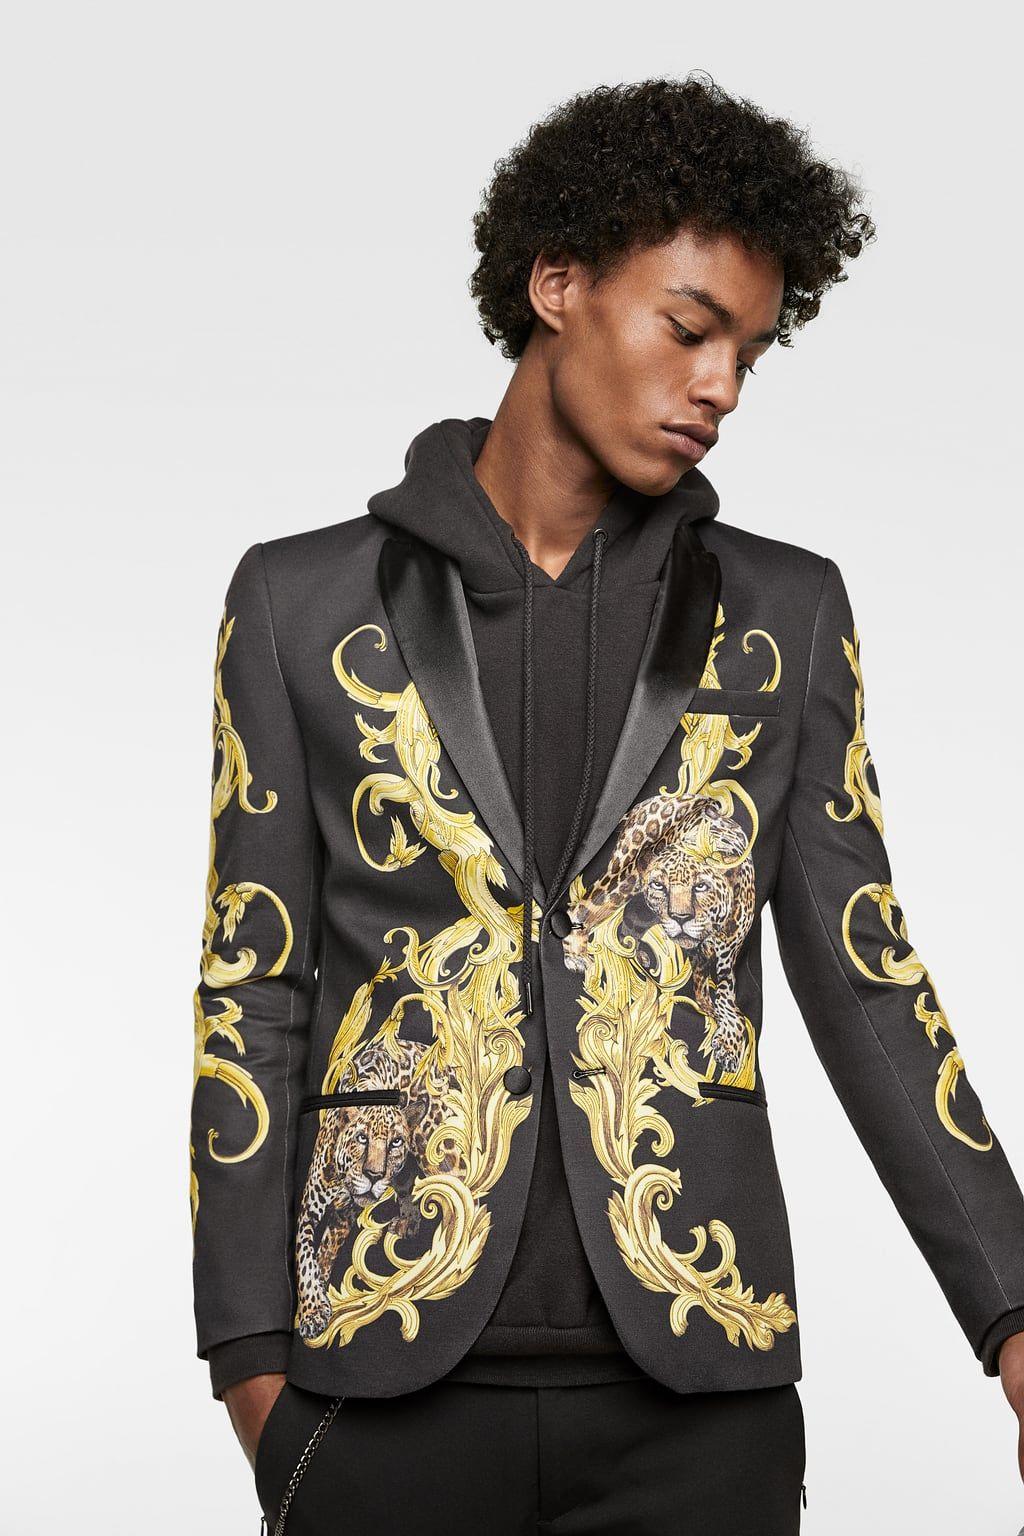 Nueva colección de Zara Woman 2015: Novedades en ropa y